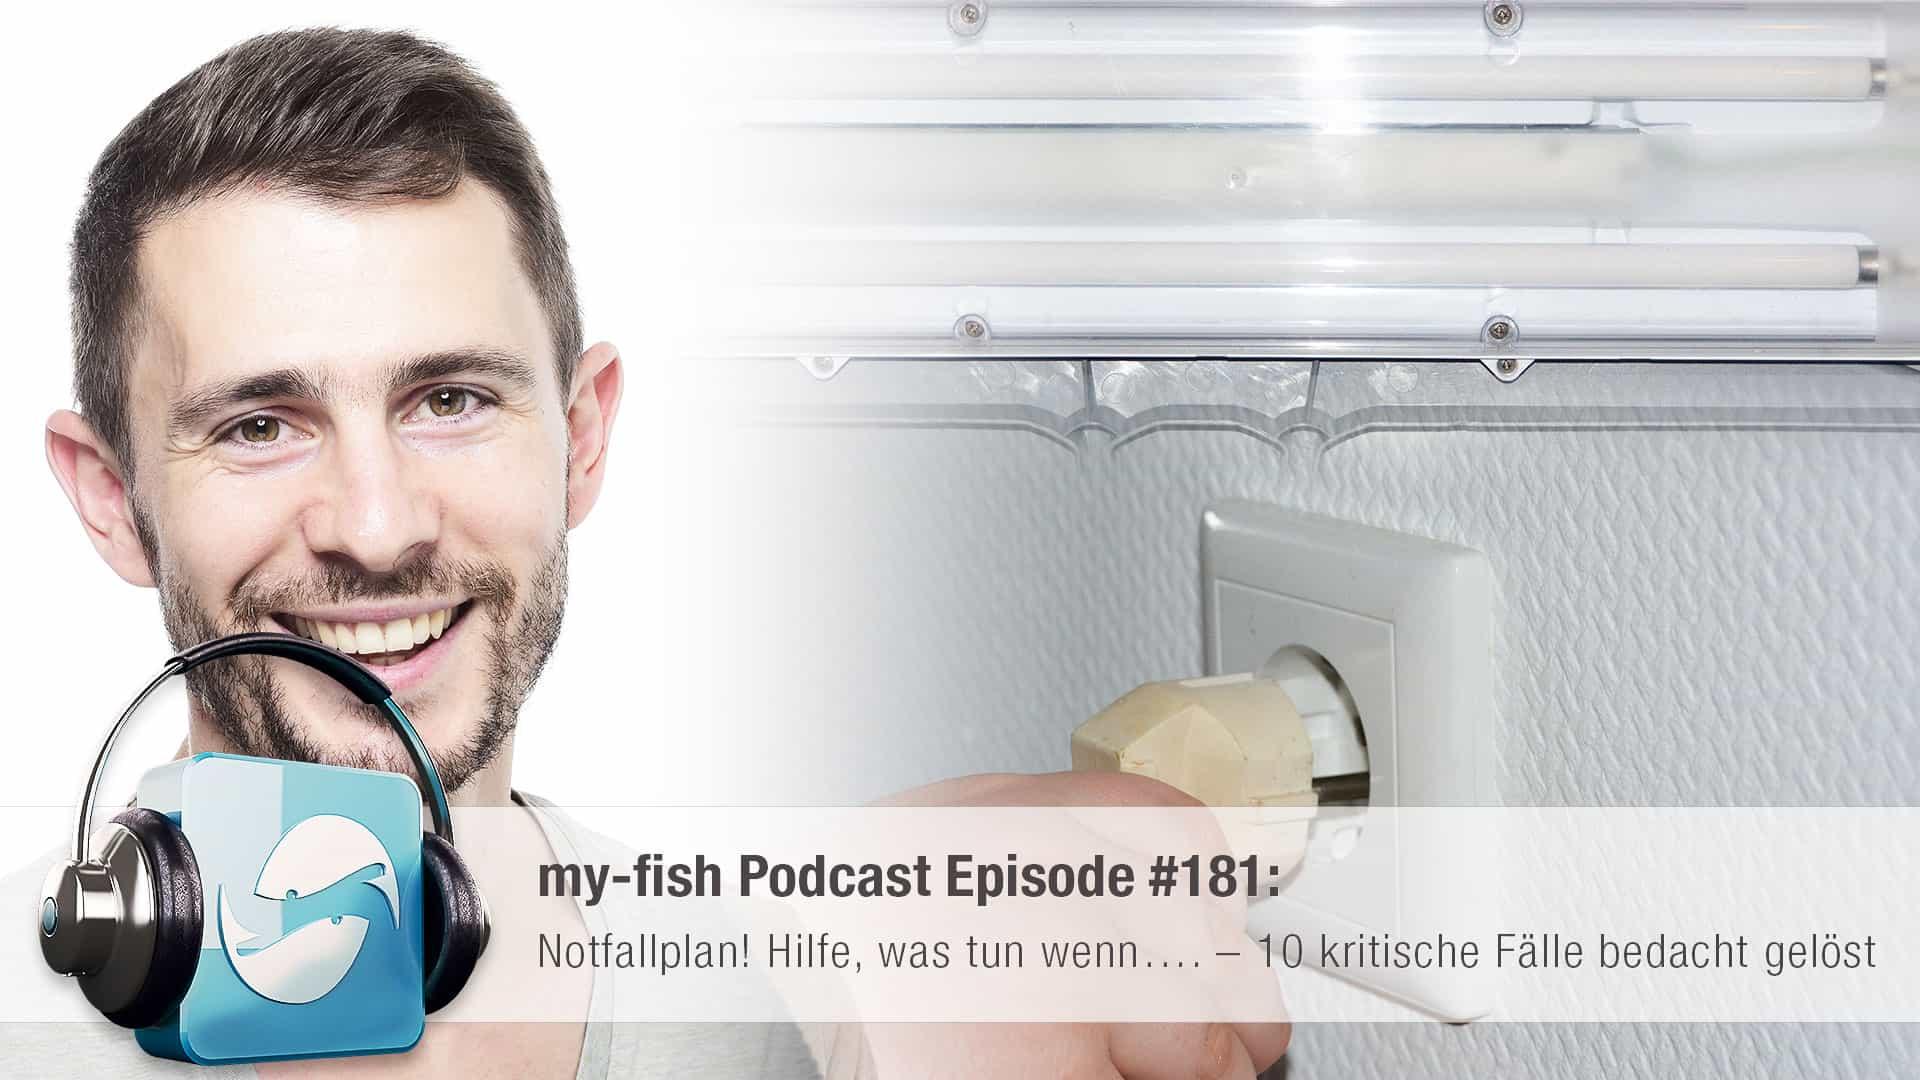 Podcast Episode #181: Notfallplan! Hilfe, was tun wenn…. – 10 kritische Fälle bedacht gelöst 1